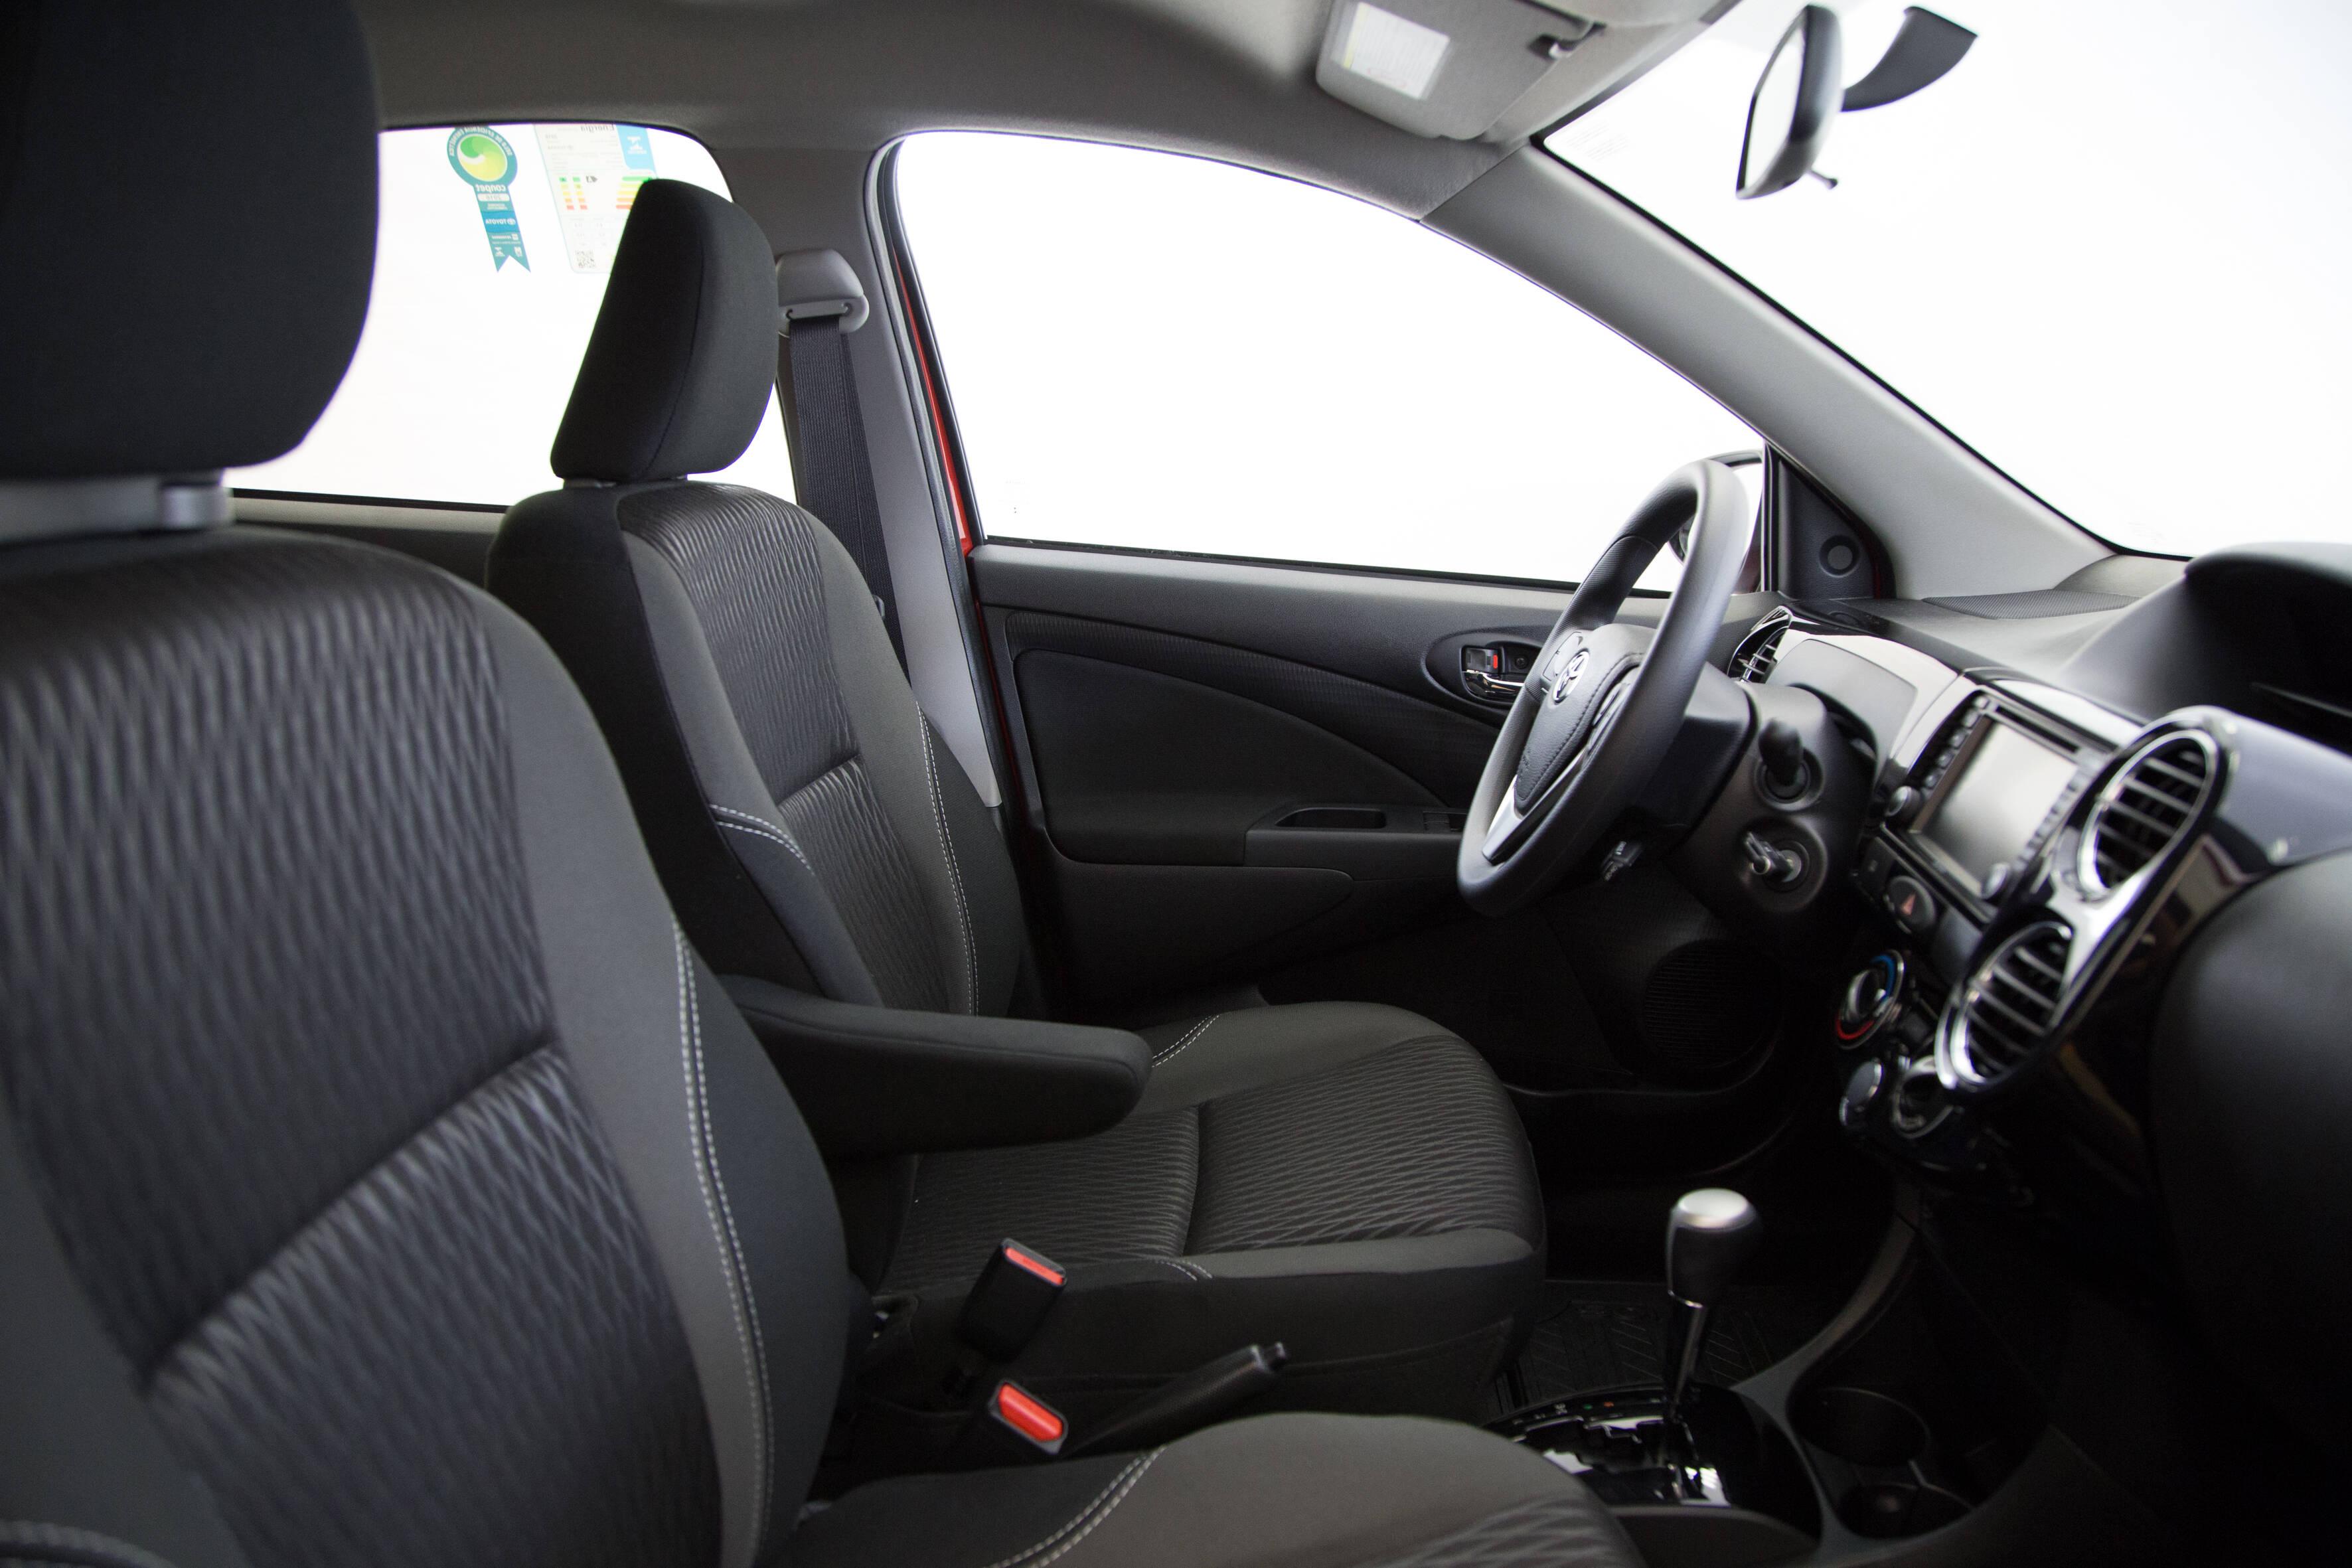 Toyota Etios X 1.3. Foto: Divulgação